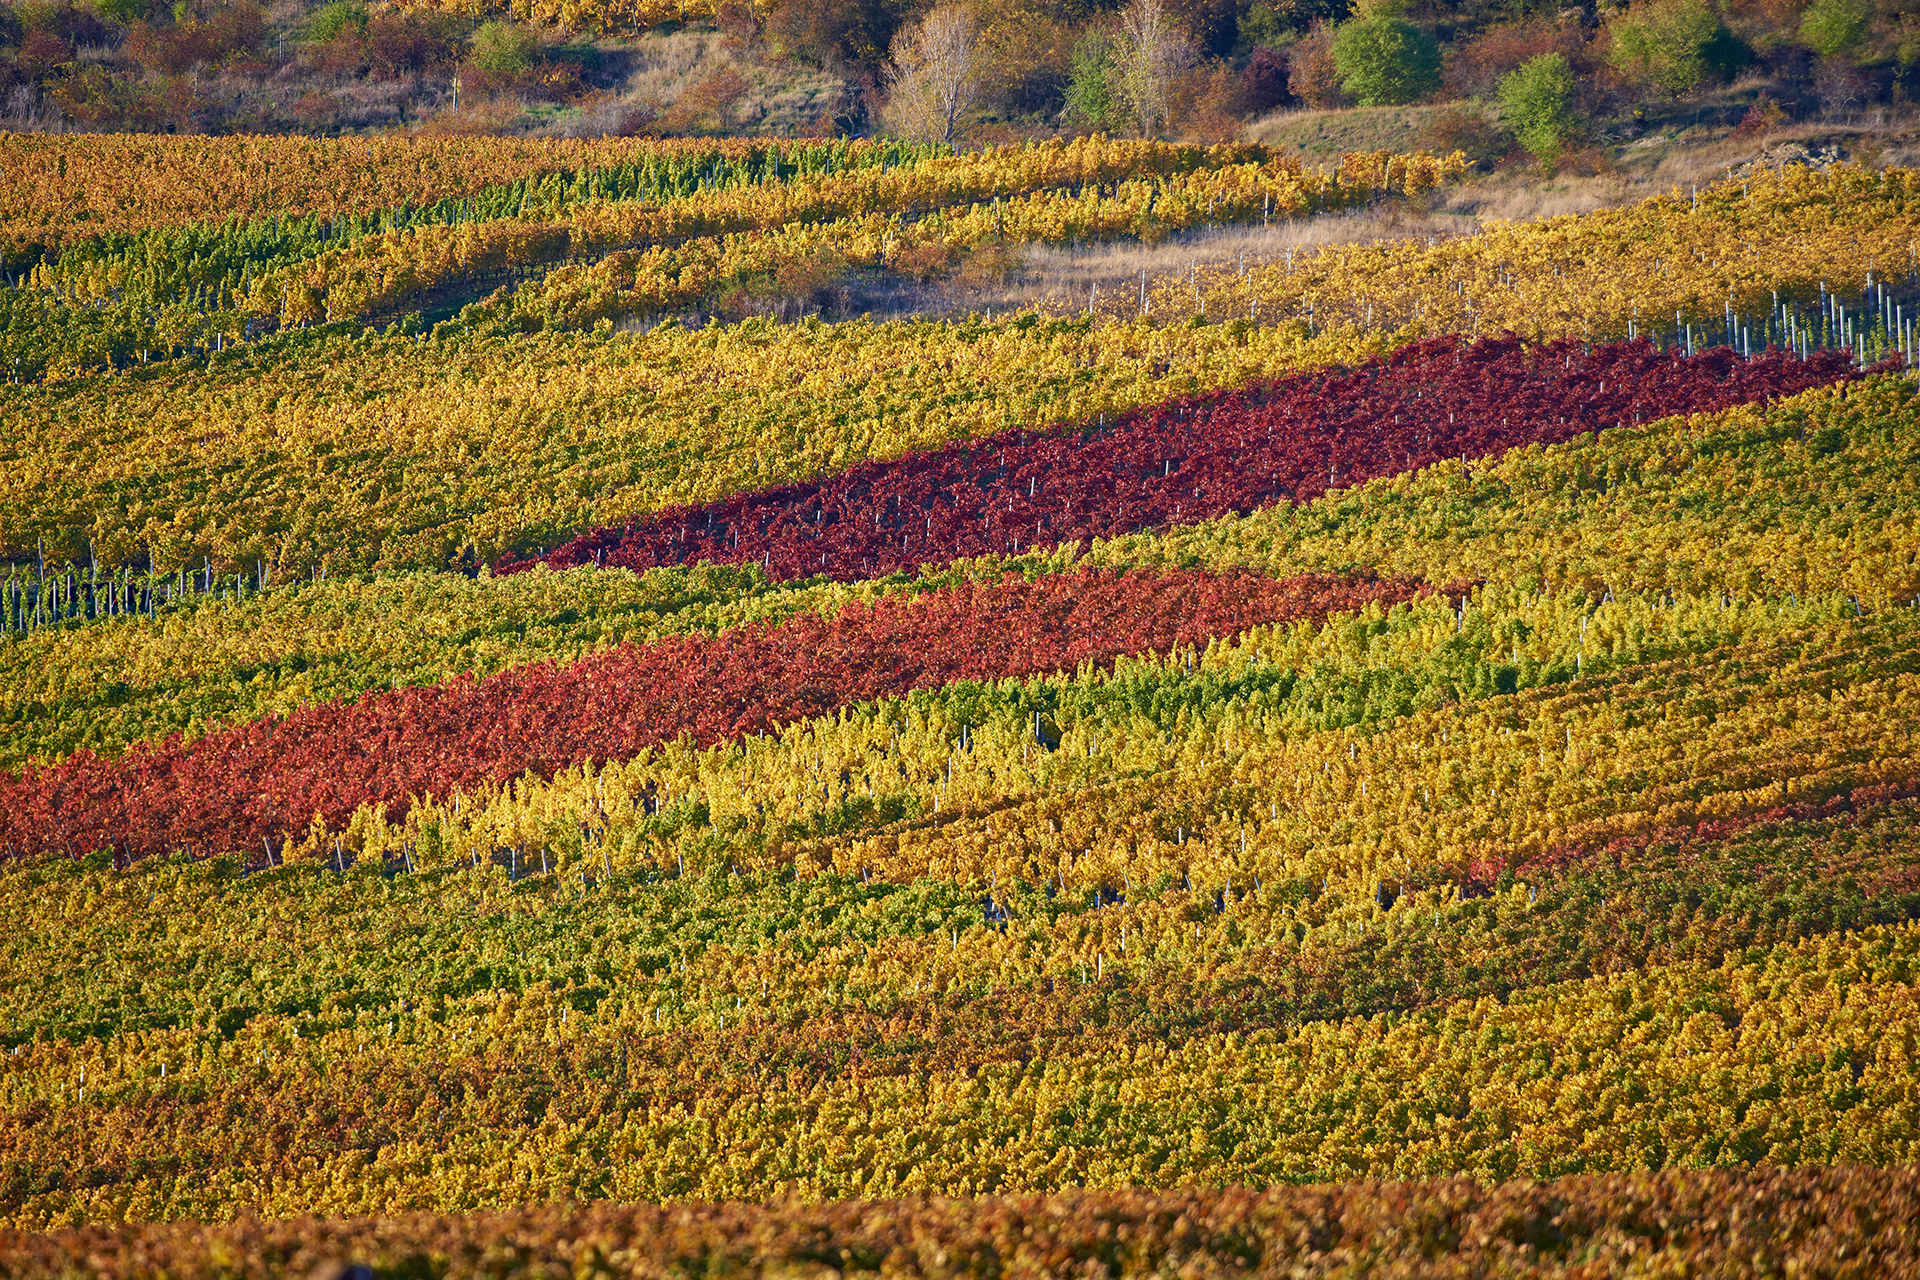 Blick auf die Weinberge im Herbst